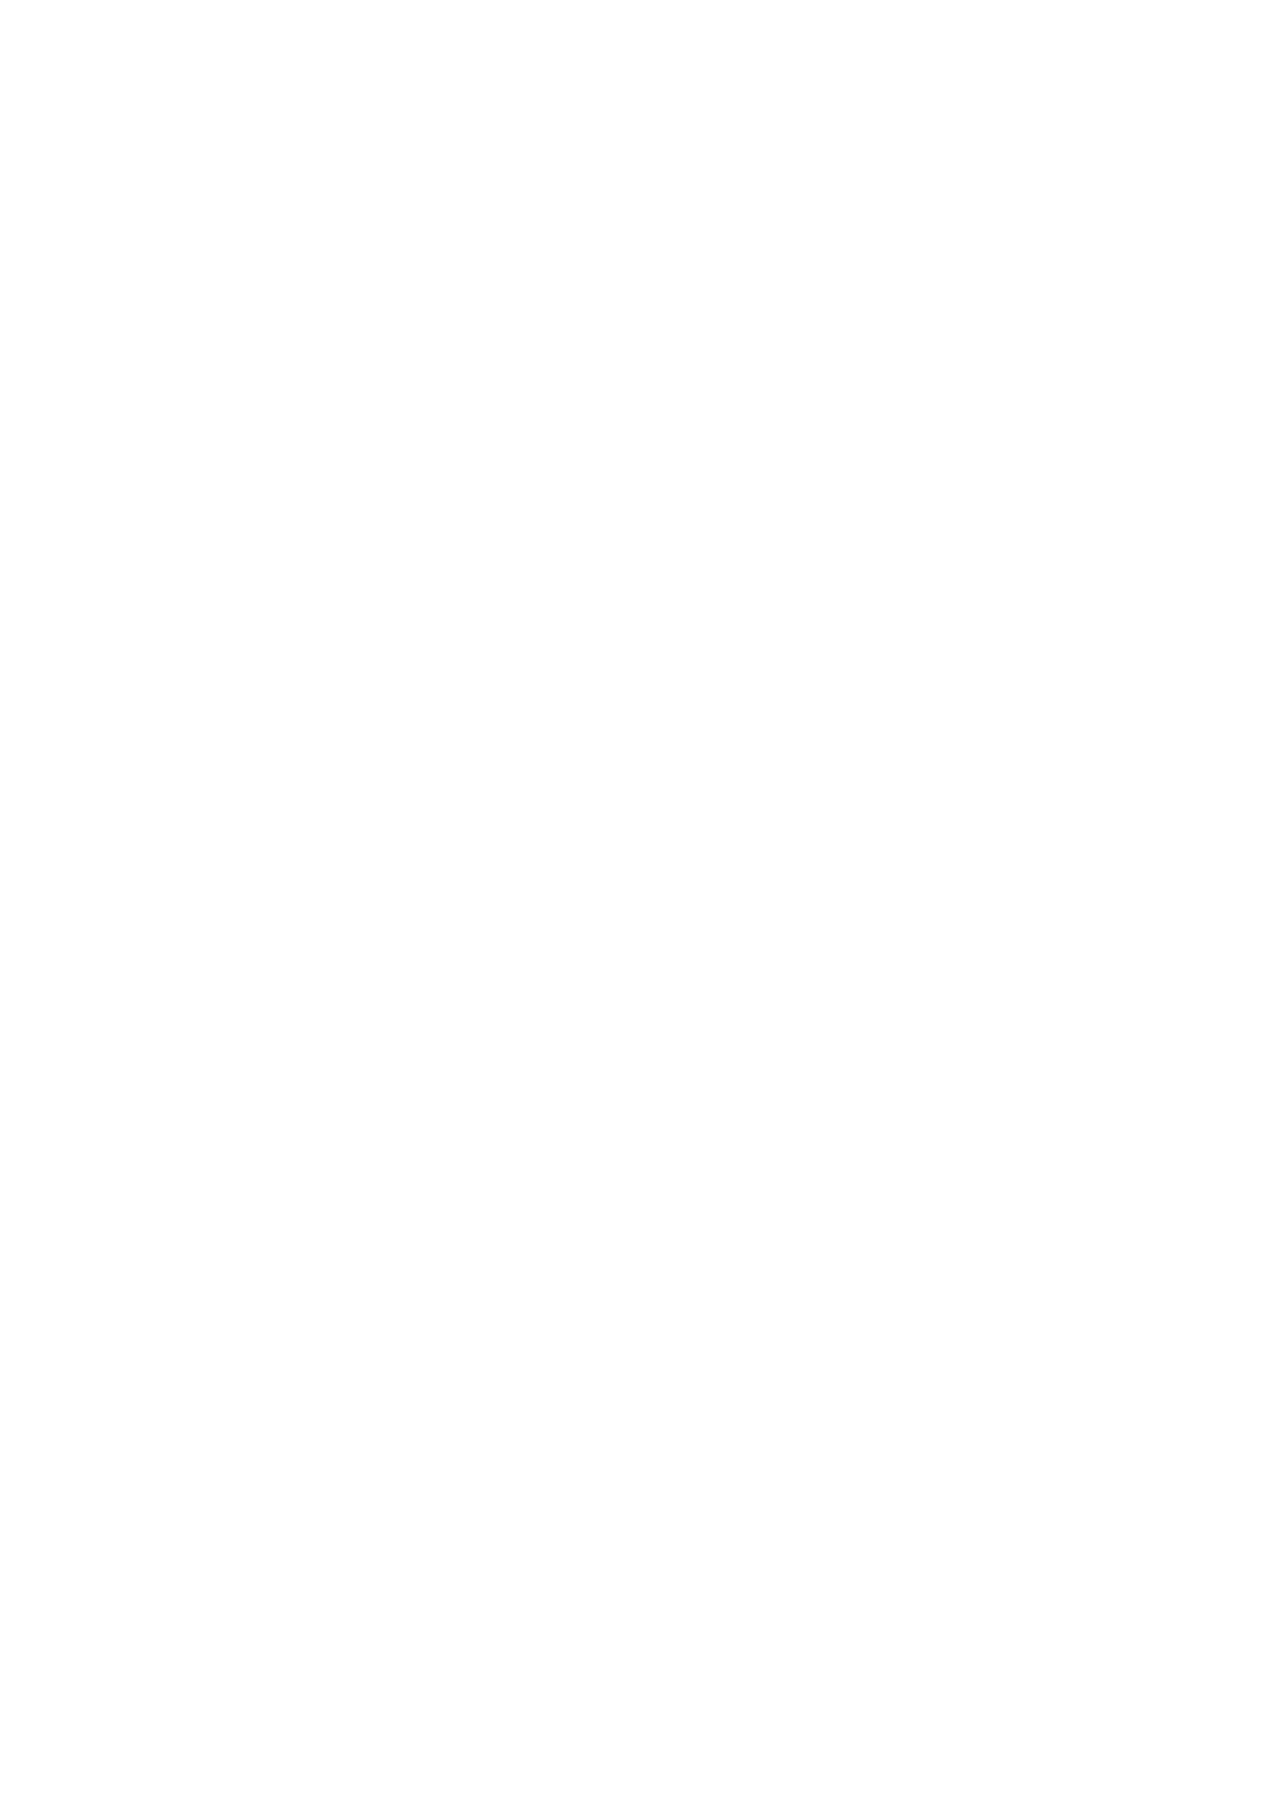 【エロ漫画】変態母によって射精しないと出られない部屋に閉じ込められた美少女ふたなり巨根JK…両手を拘束されたまま巨大な玉袋とデカマラを床に押し付けて興奮し、初めての床オナで大量アヘ射精【寝ぎ:上手にオナニーできるかな?】